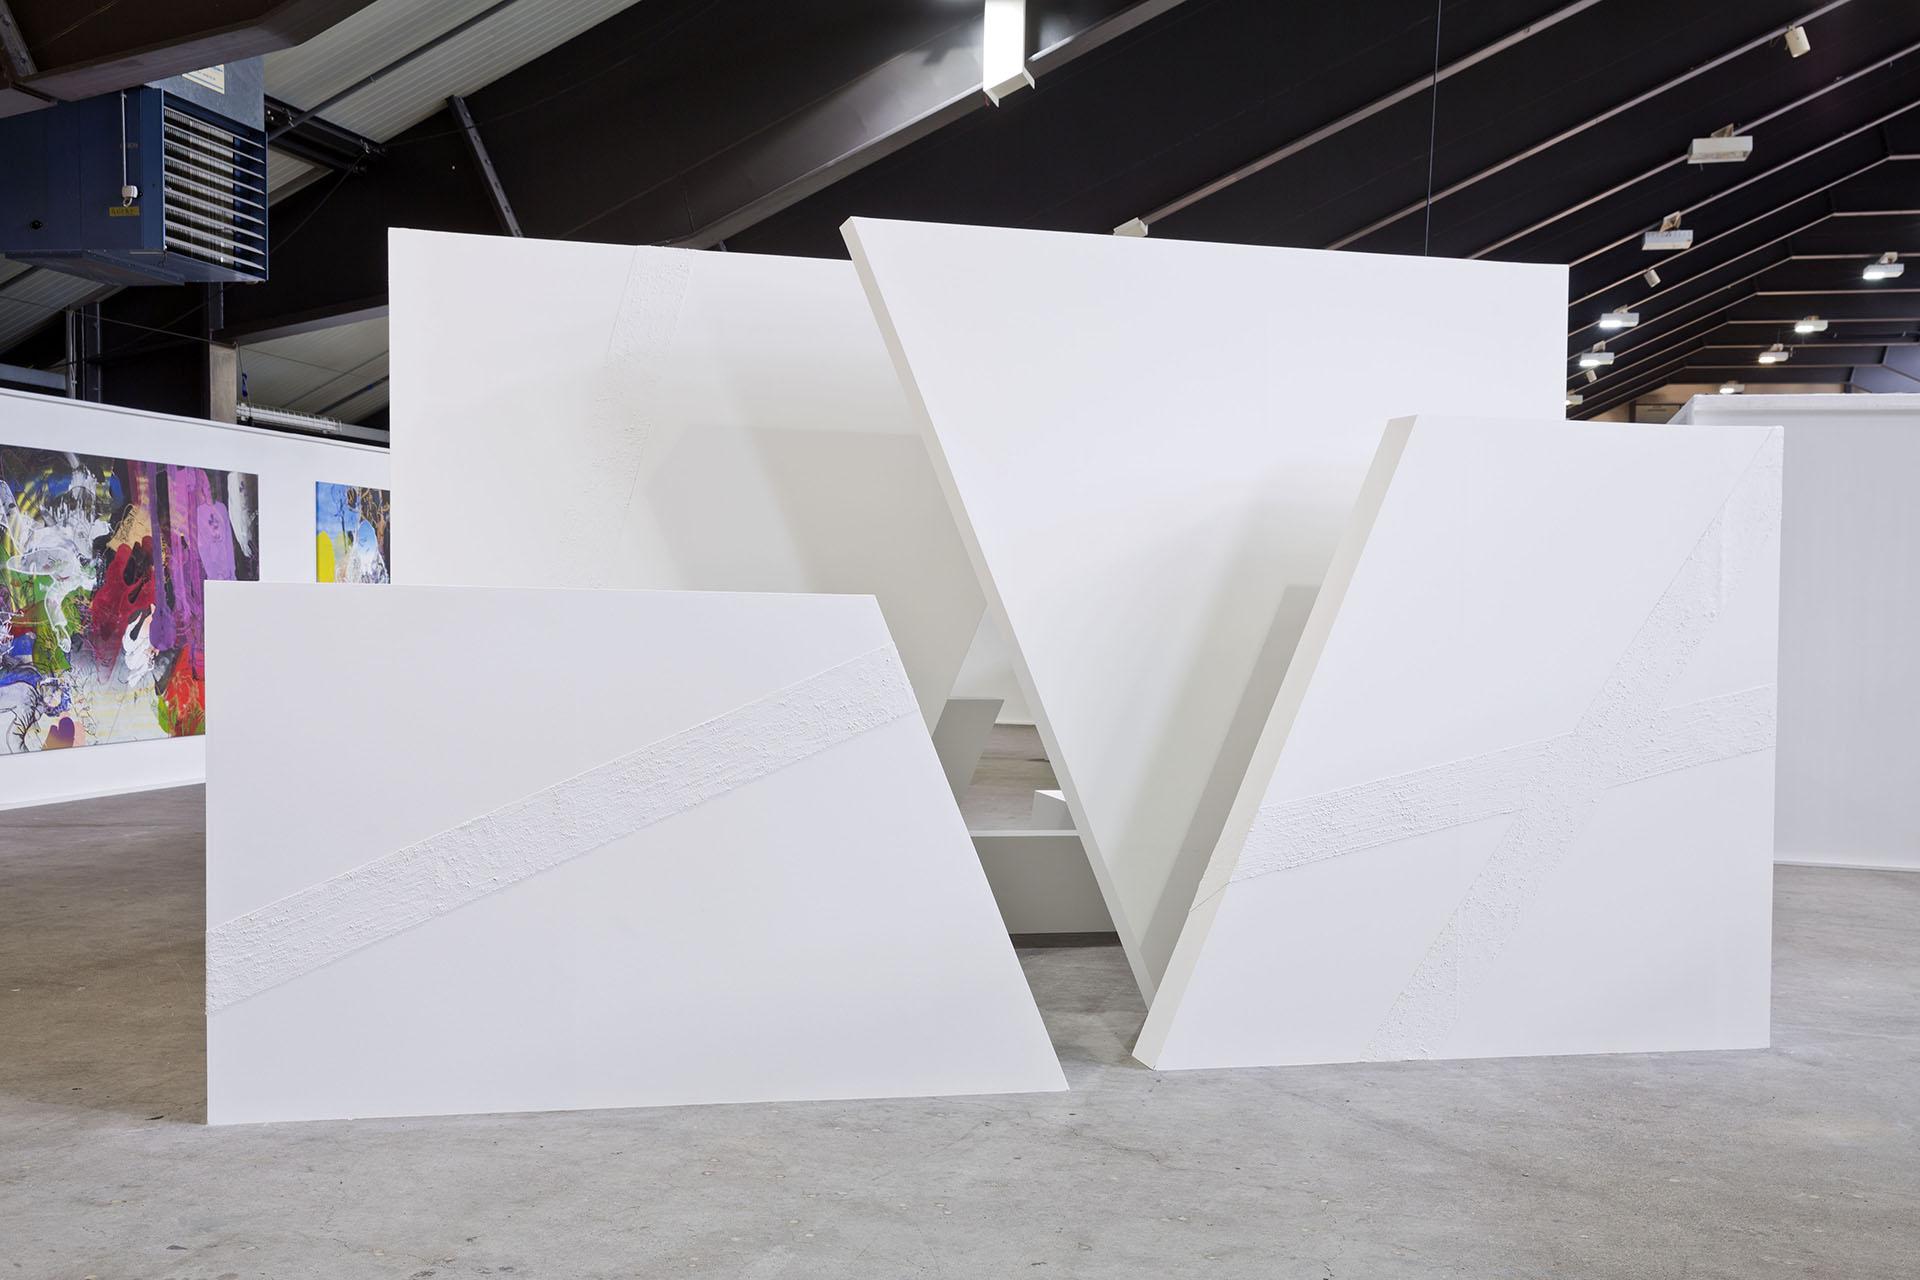 © HSLU Kunst & Design Werkschau / K&V Solt